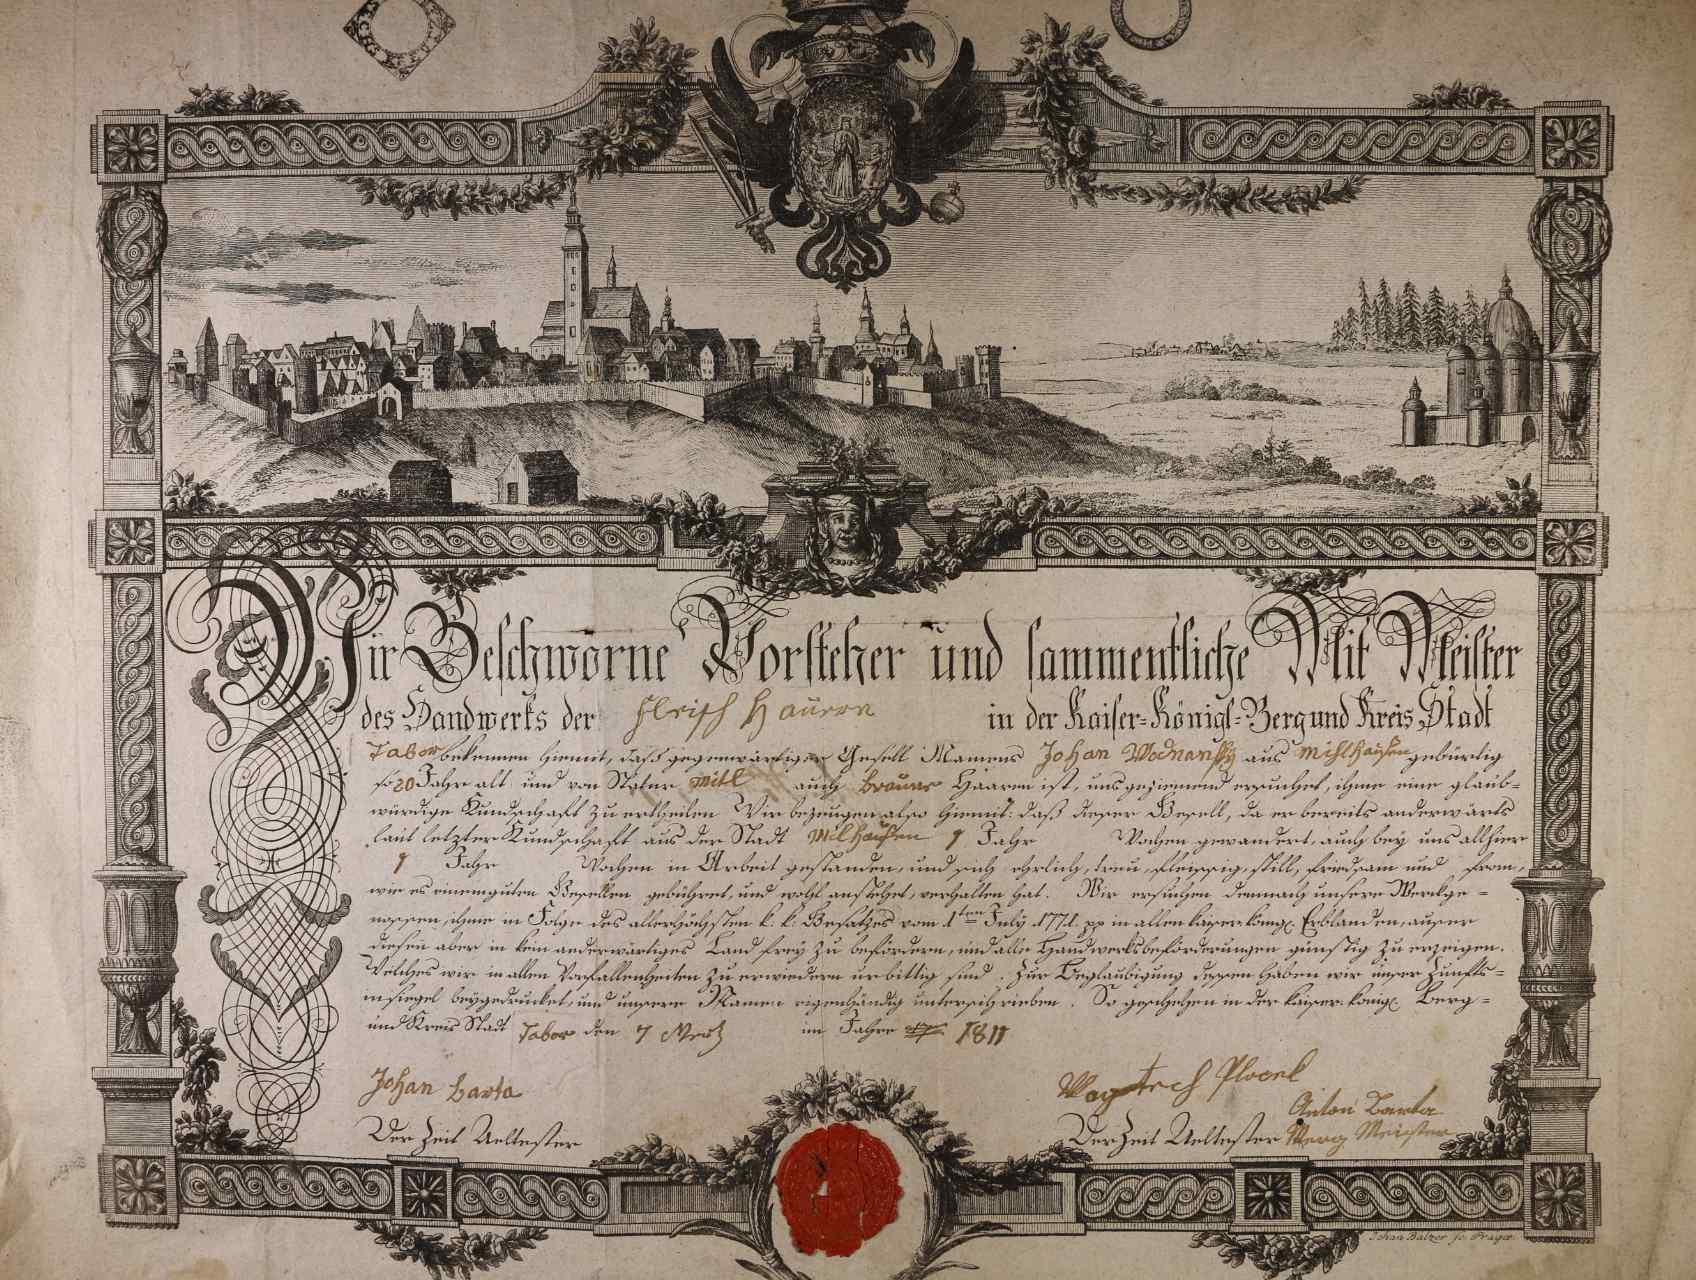 výuční list z r. 1811 s vedutou města Tábor